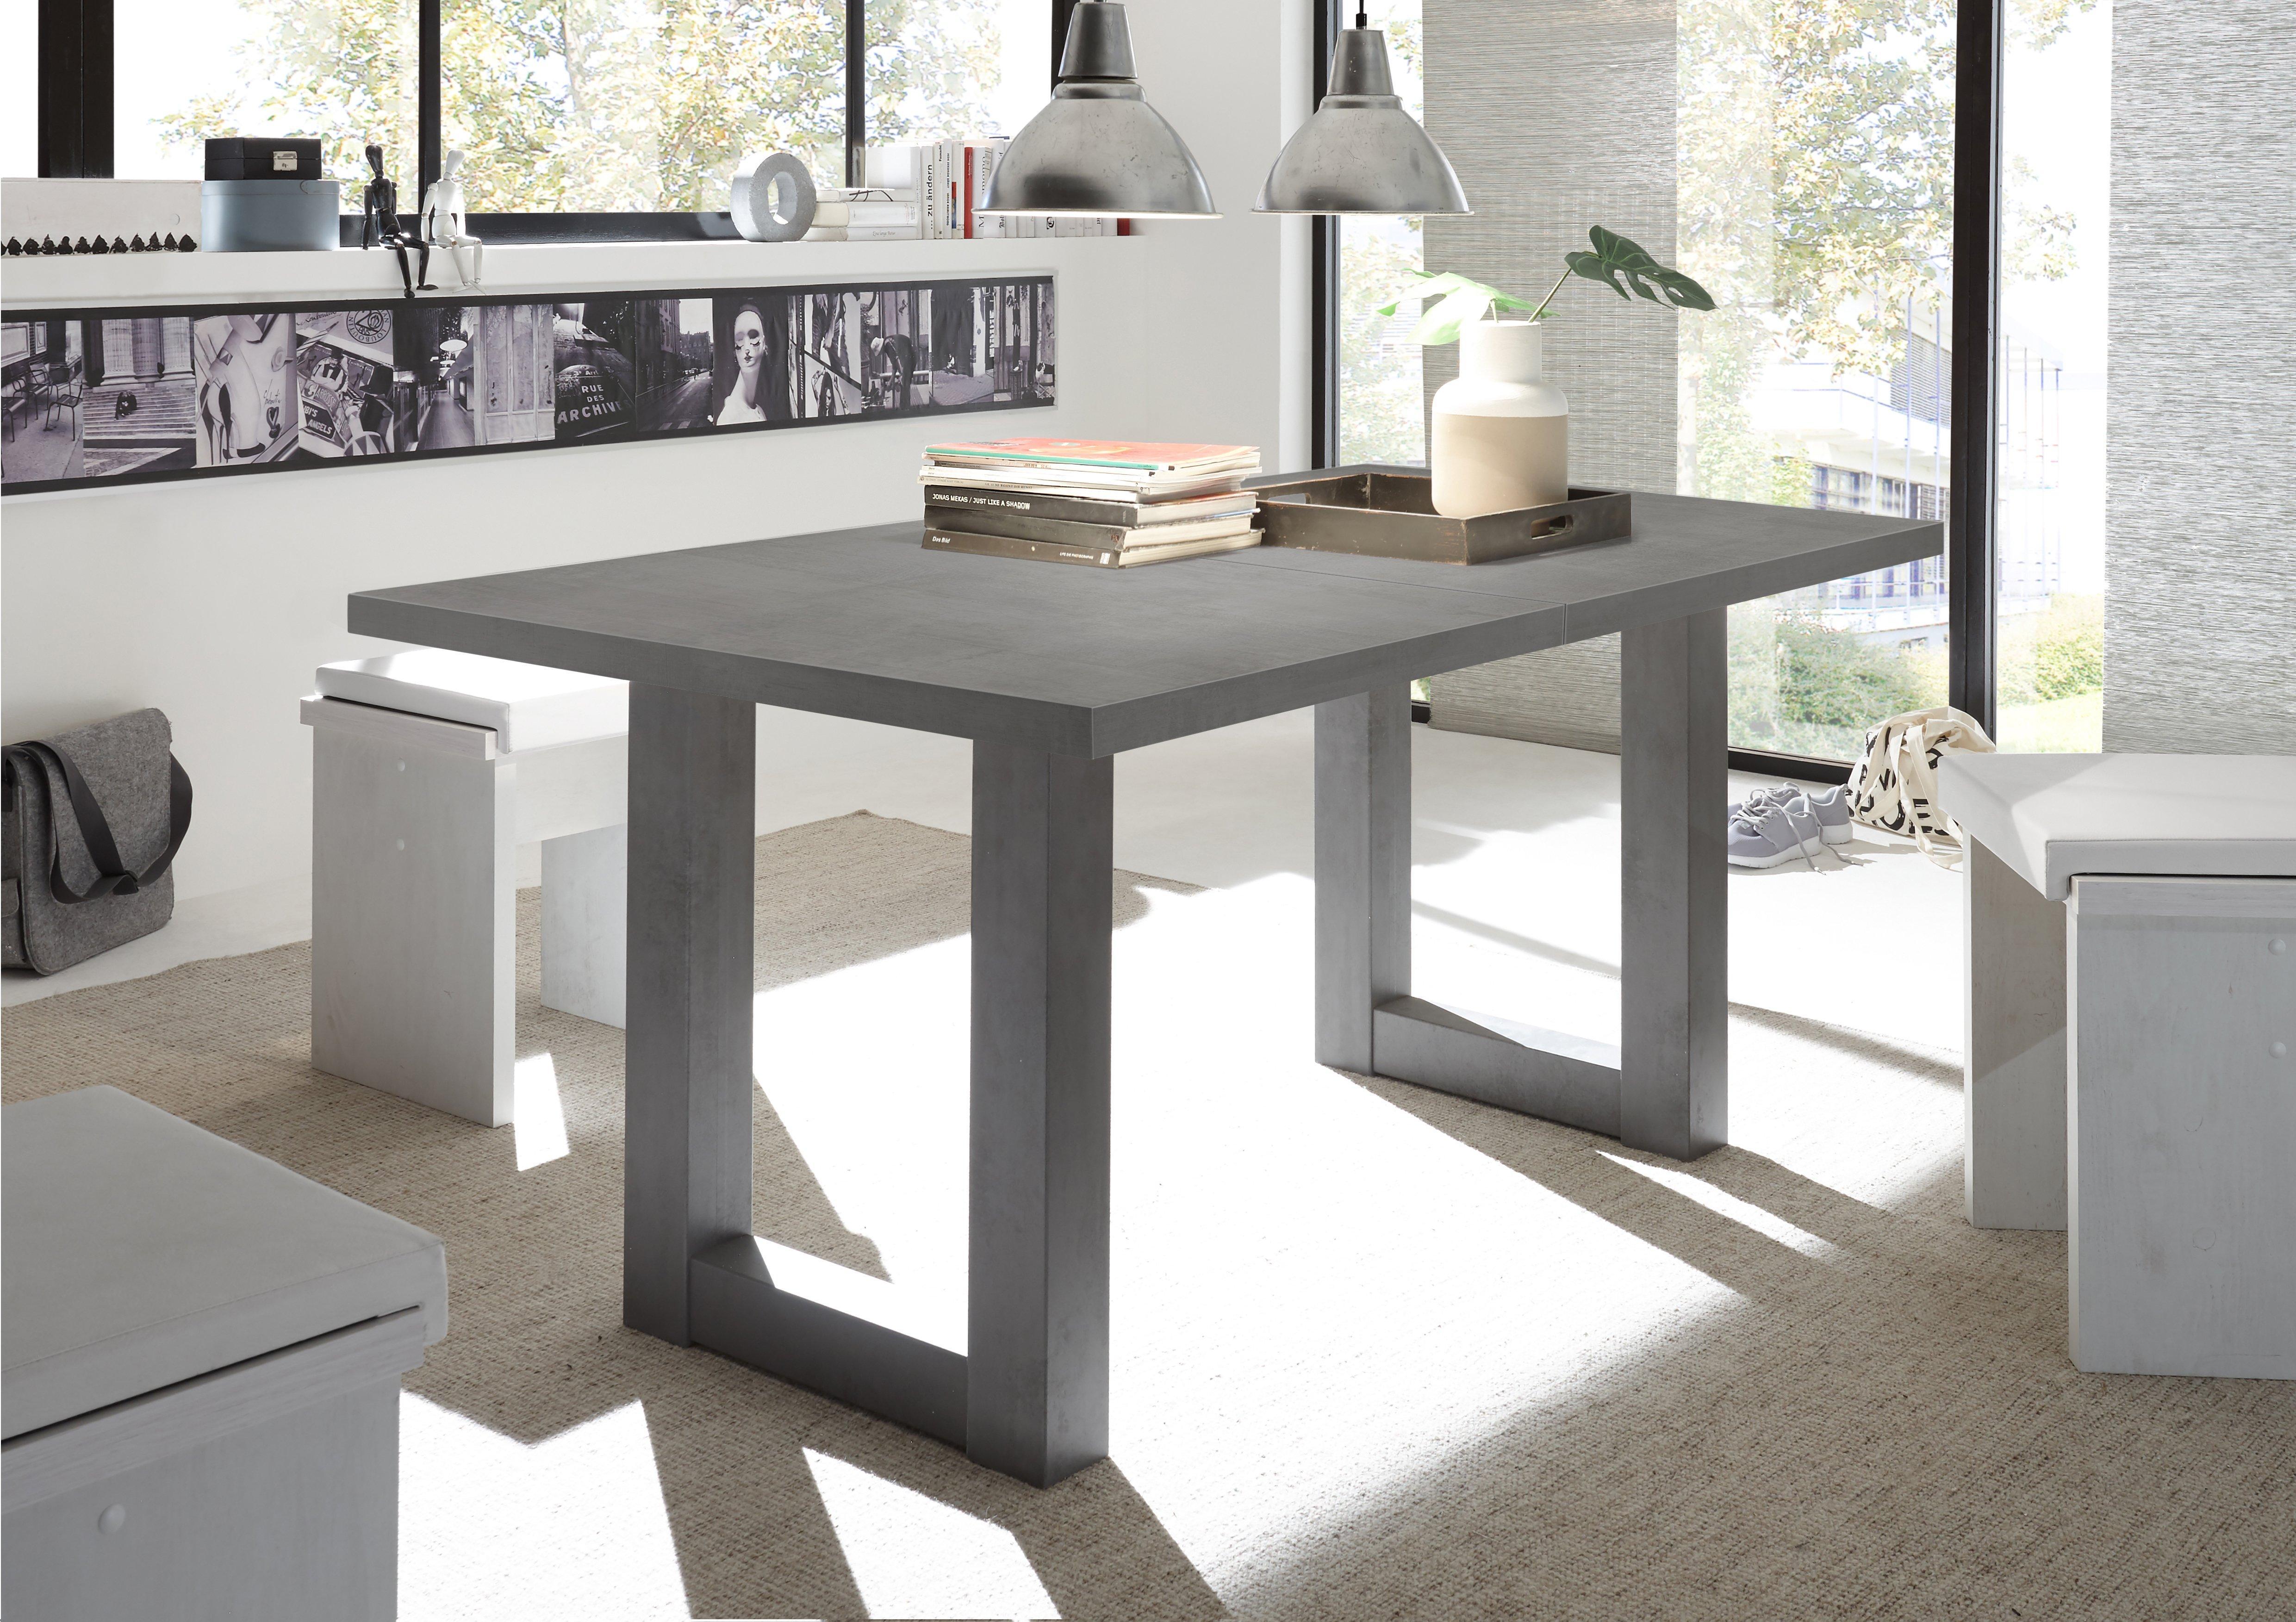 esstisch massiv 210 preisvergleich die besten angebote online kaufen. Black Bedroom Furniture Sets. Home Design Ideas